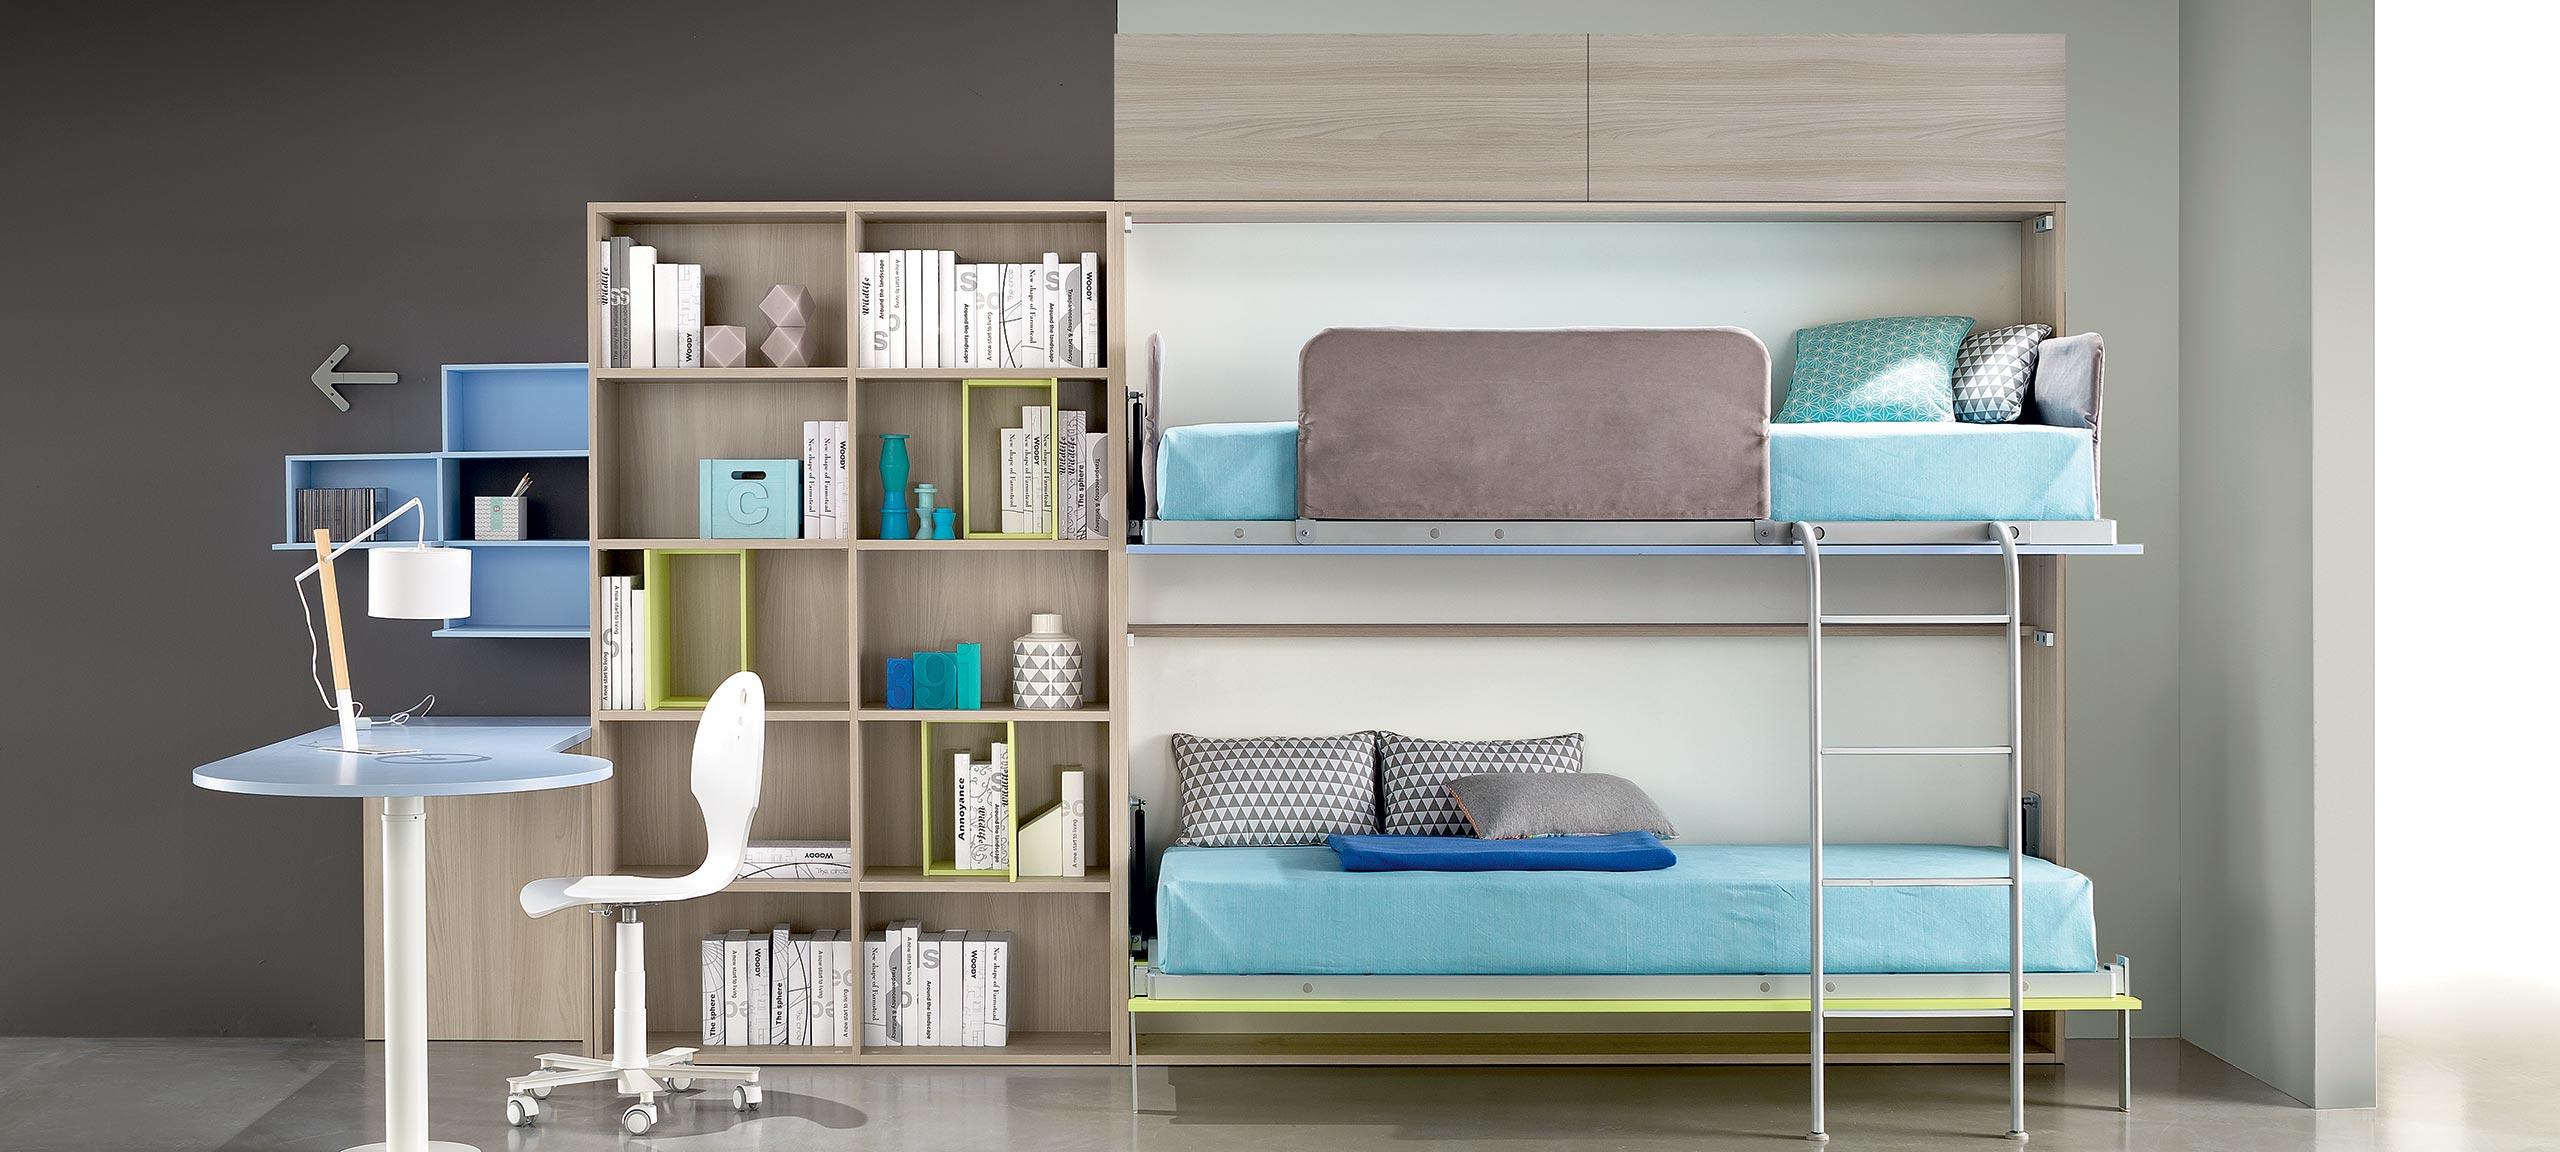 Letto A Scomparsa A Castello.Camerette Con Letti A Castello E Trasformabili Mab Home Furniture